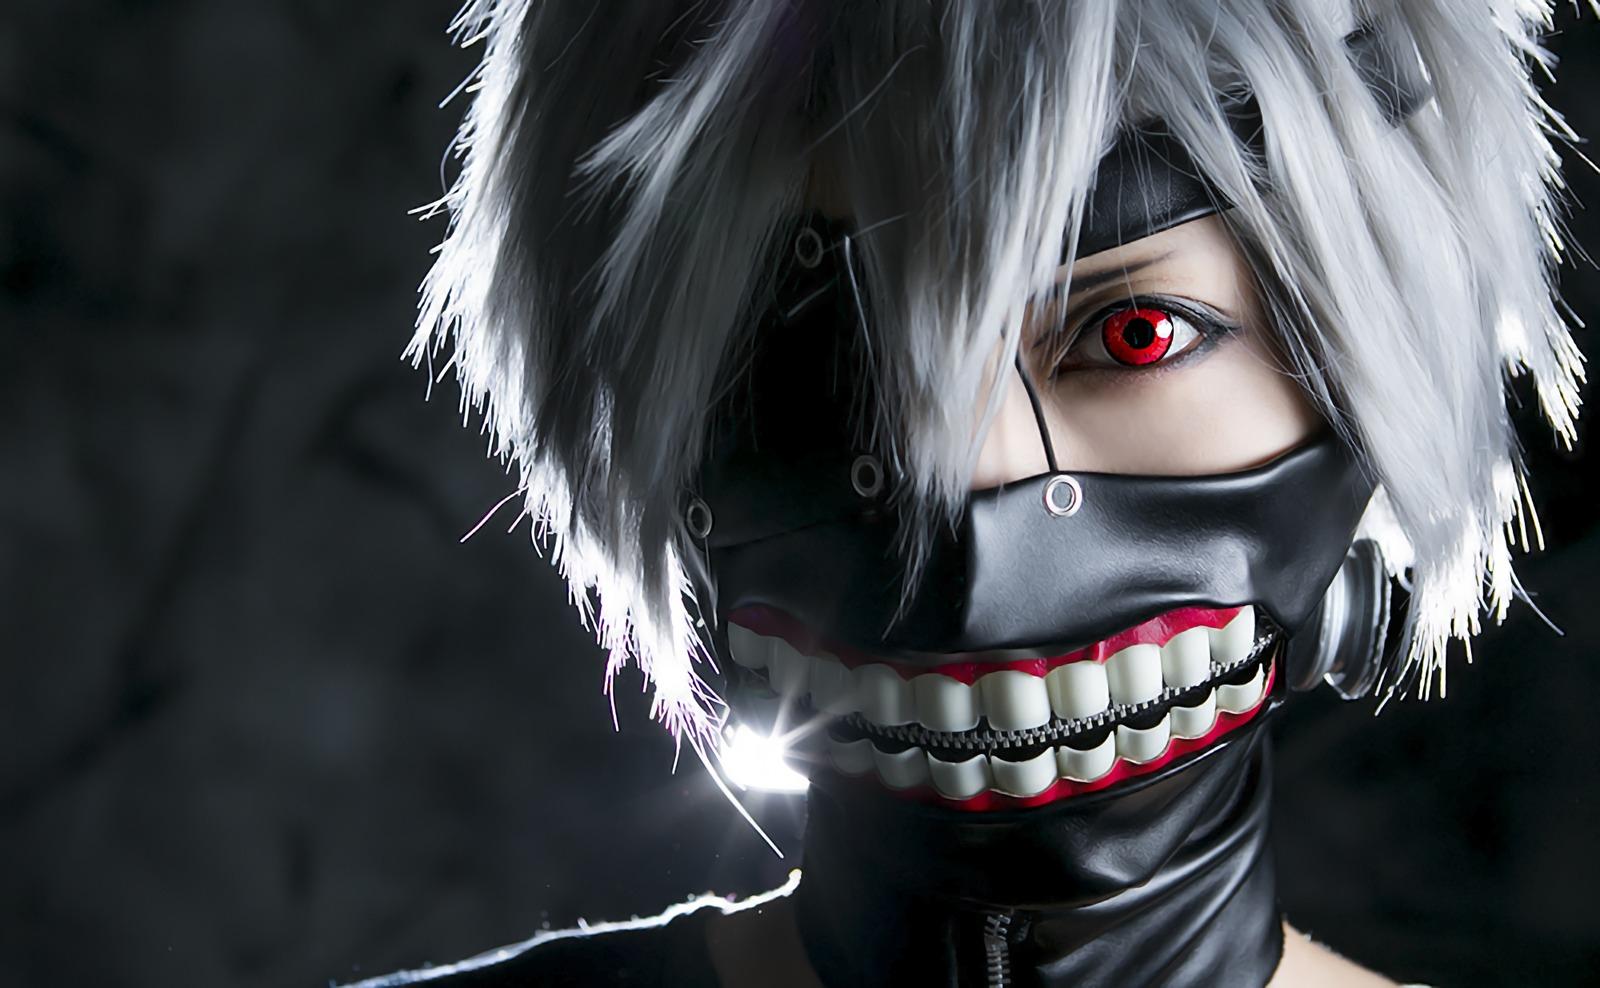 Cosplay: Mask, Ken Kaneki, Tokyo Ghoul, Cosplay